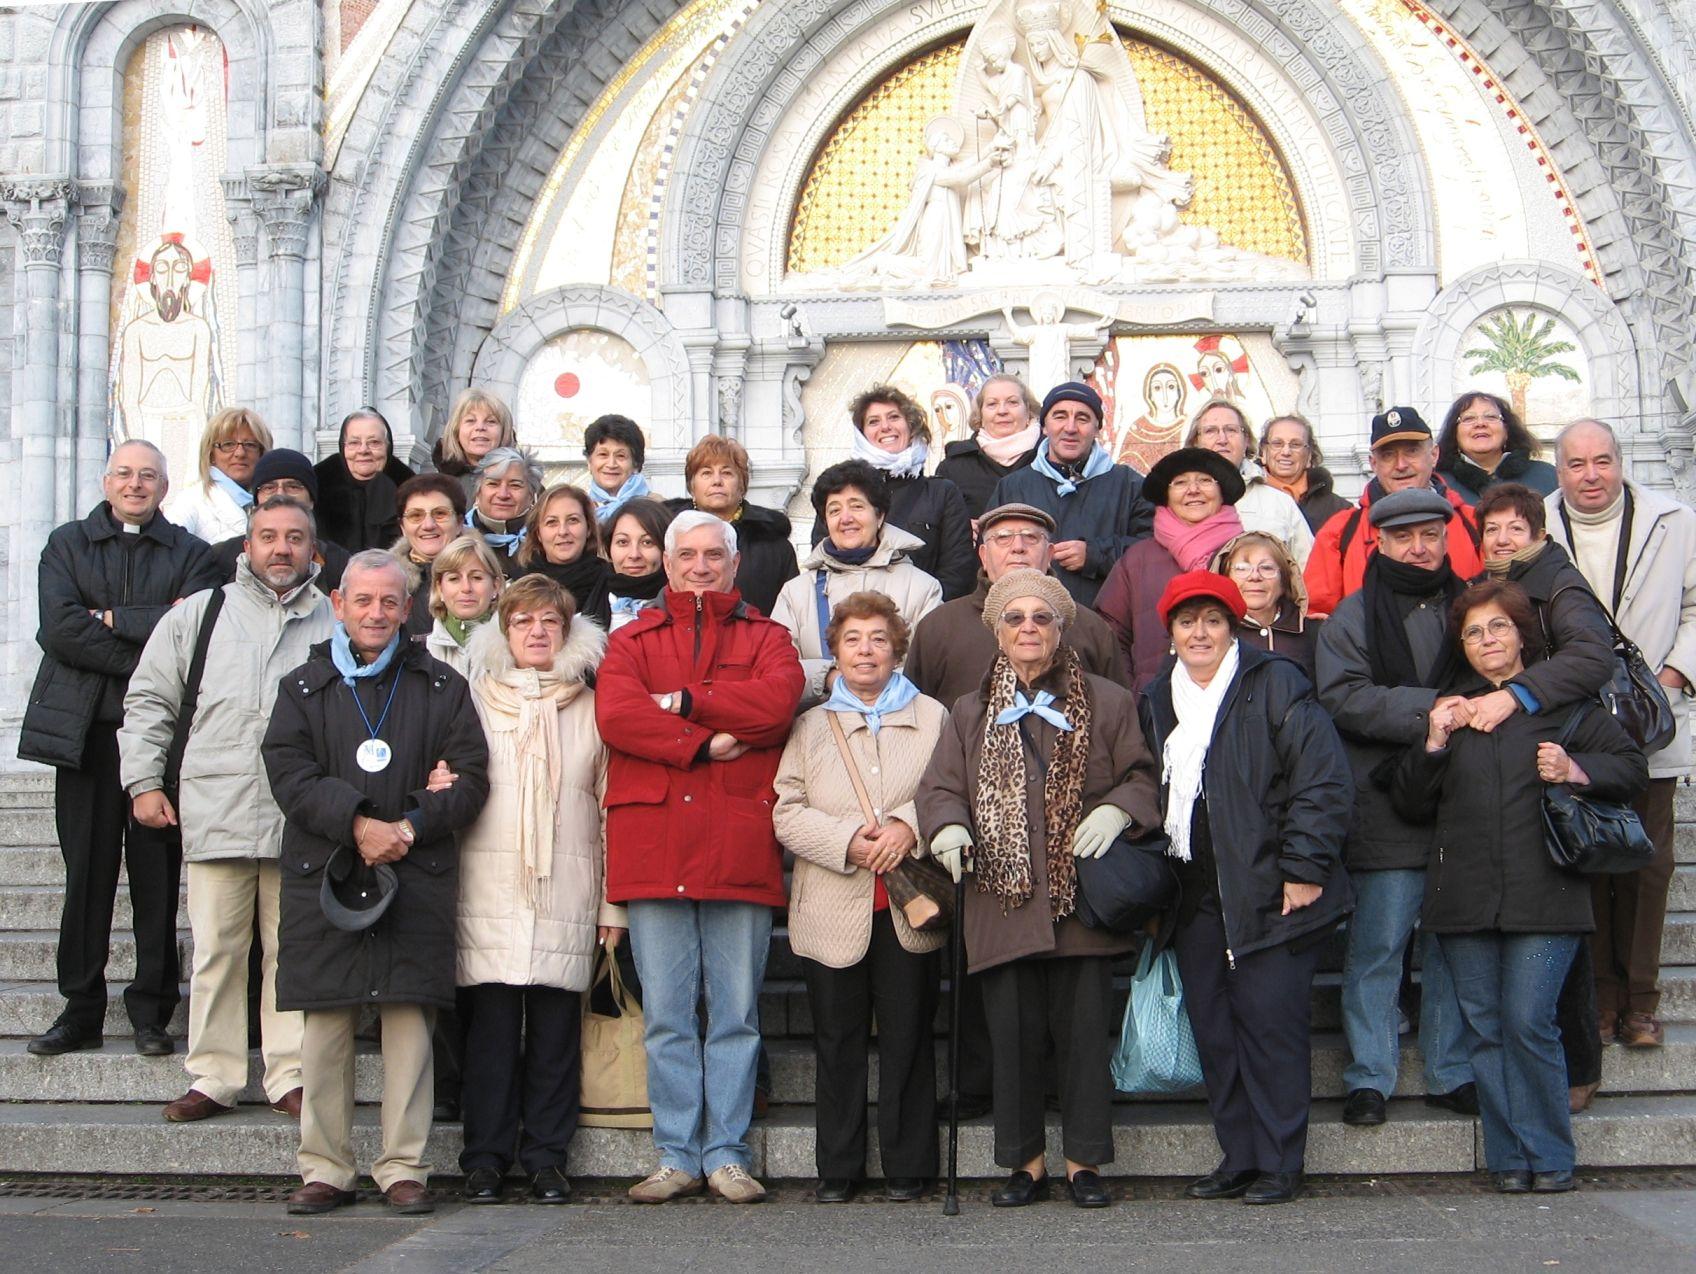 Lourdes-2008-10-27--08.38.55.jpg